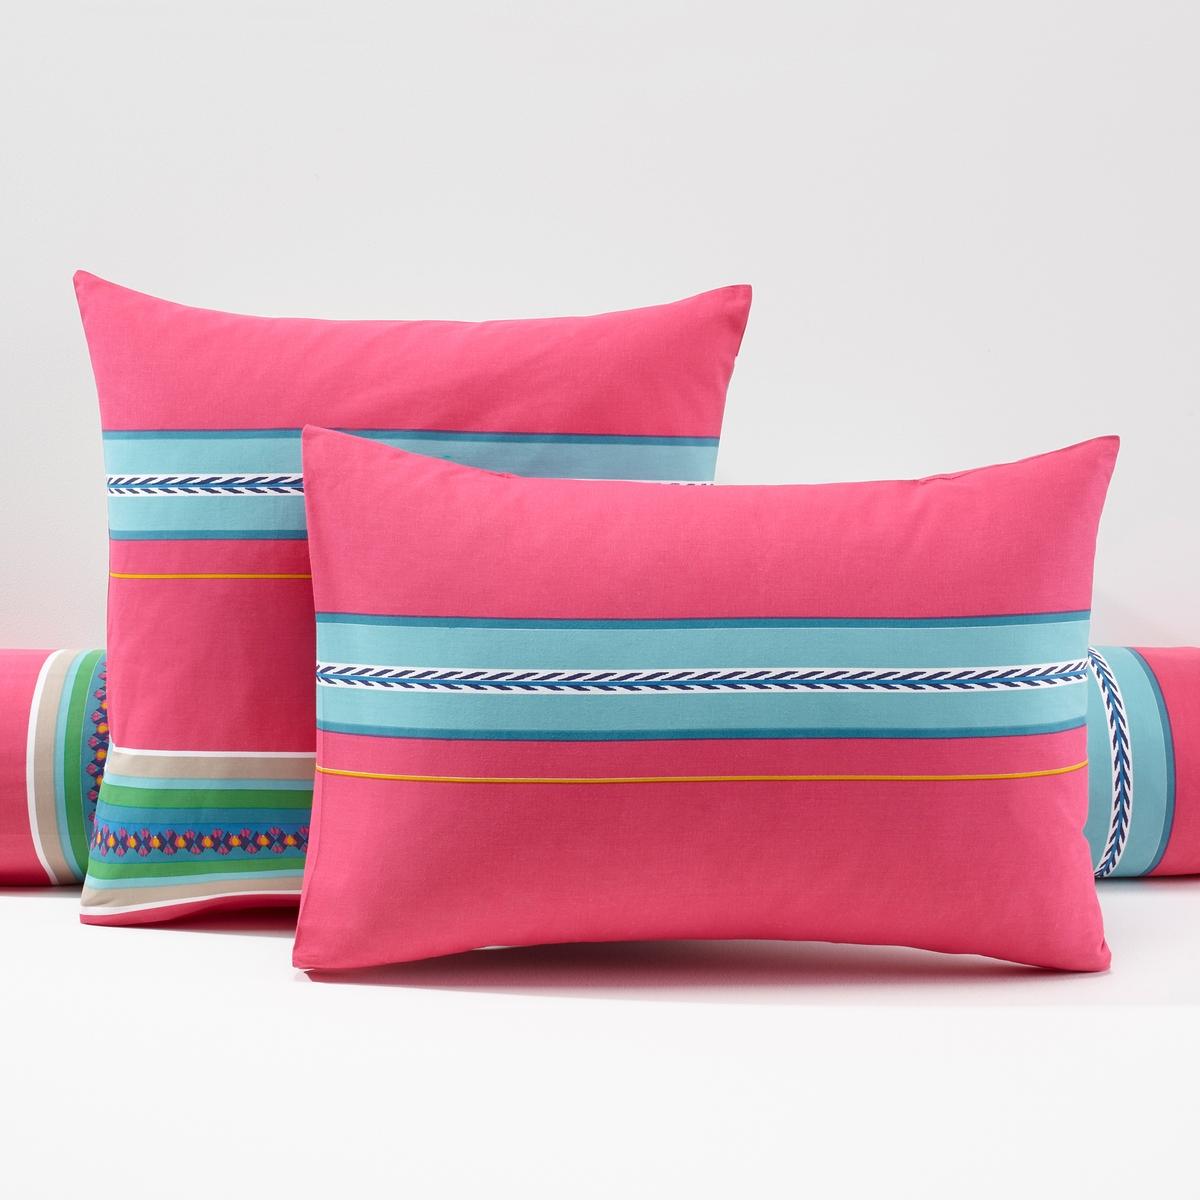 Наволочки на подушку и на подушку-валик NazcaНаволочки для обычной подушки и для подушки-валика (57 нитей/см?). Чем больше нитей/см?, тем выше качество материала.Производство осуществляется с учетом стандартов по защите окружающей среды и здоровья человека, что подтверждено сертификатом Oeko-tex®.Размеры наволочек НАСКА:50 x 70 см: прямоугольная наволочка.63 x 63 см: квадратная наволочка.85 x 185 см: наволочка на подушку-валик100% хлопок. Стирка при 60°.Яркие полоски в стиле мексиканского фольклора.<br><br>Цвет: розовый с рисунком